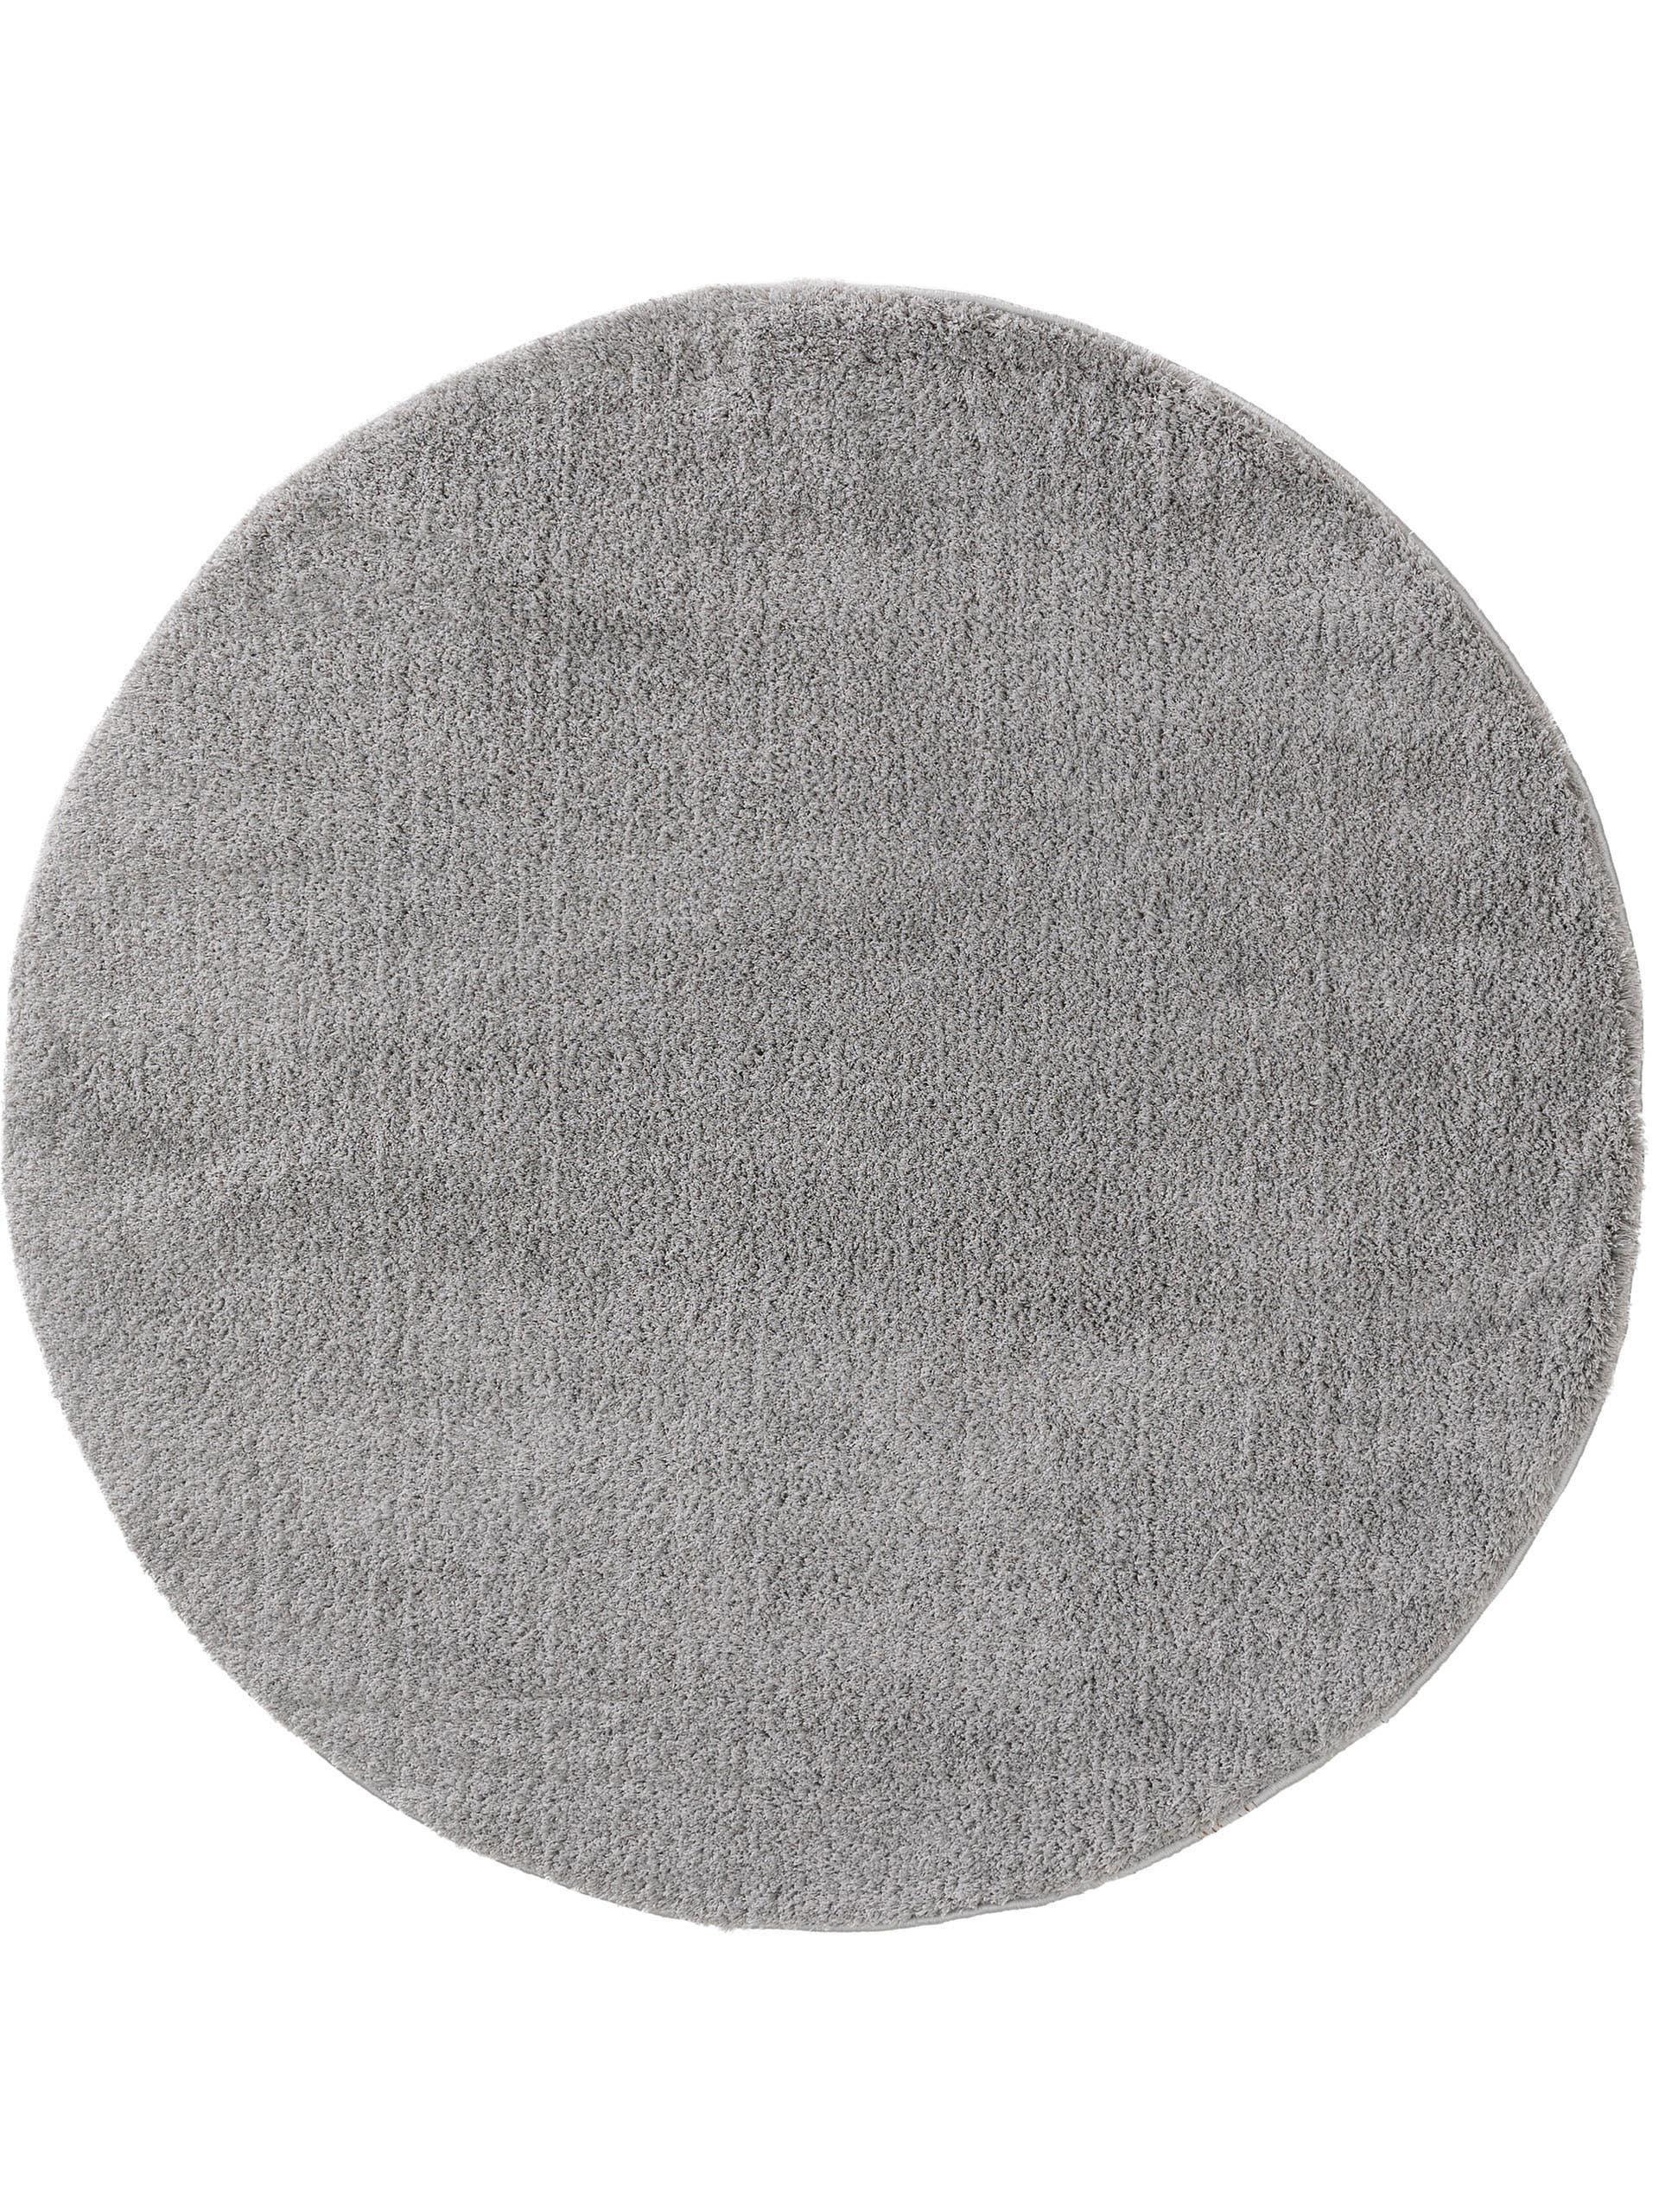 Tapis à poils longs rond gris D 160